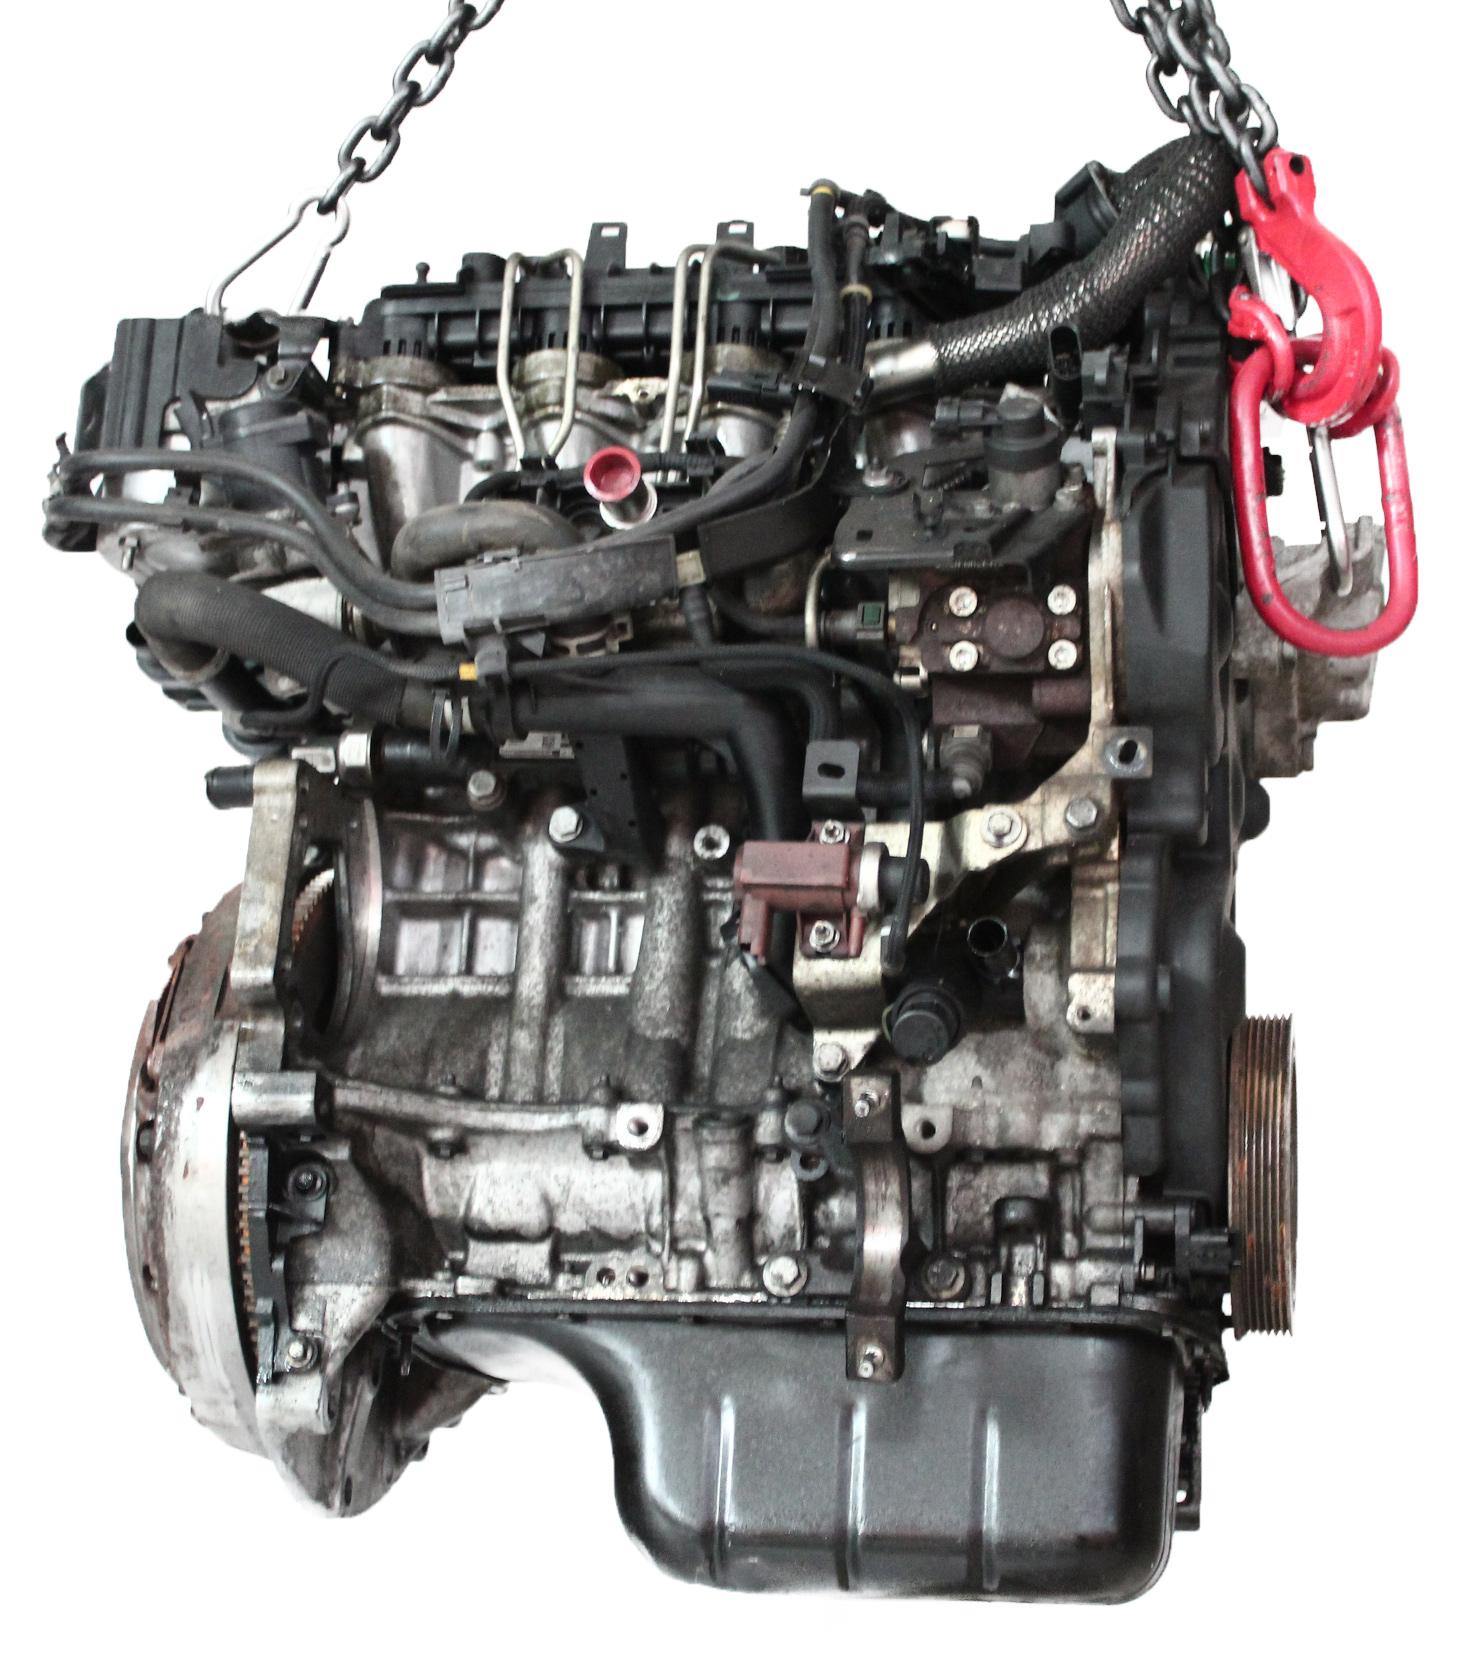 Motor 2010 Ford Focus II C-Max 1,6 TDCi D Diesel G8DD